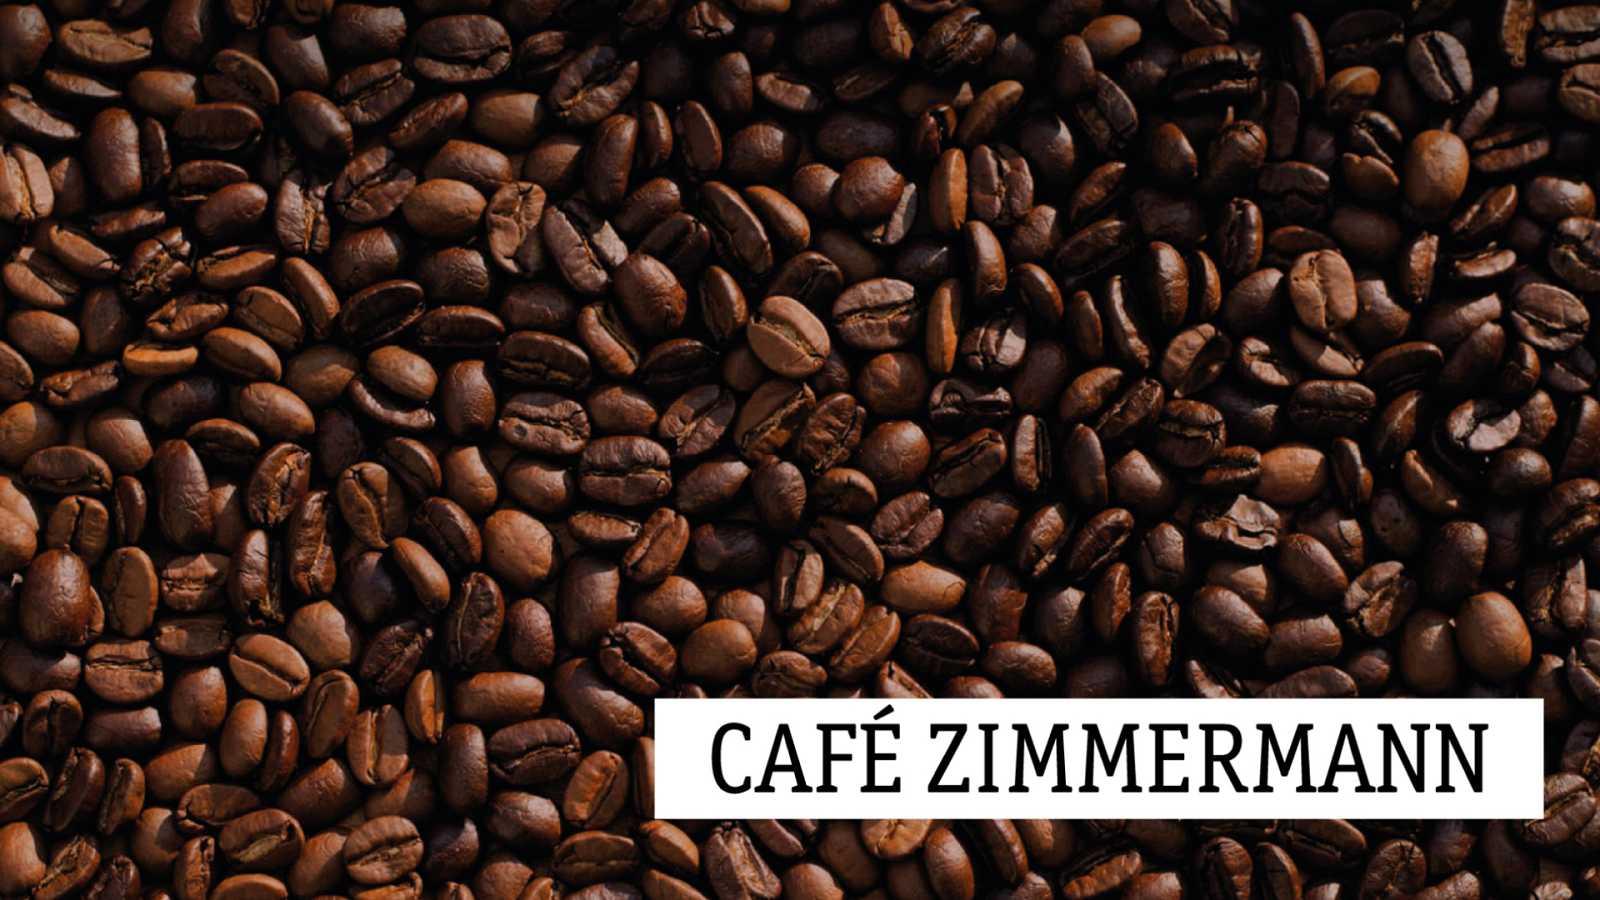 Café Zimmermann - Mar adentro - 10/02/21 - escuchar ahora